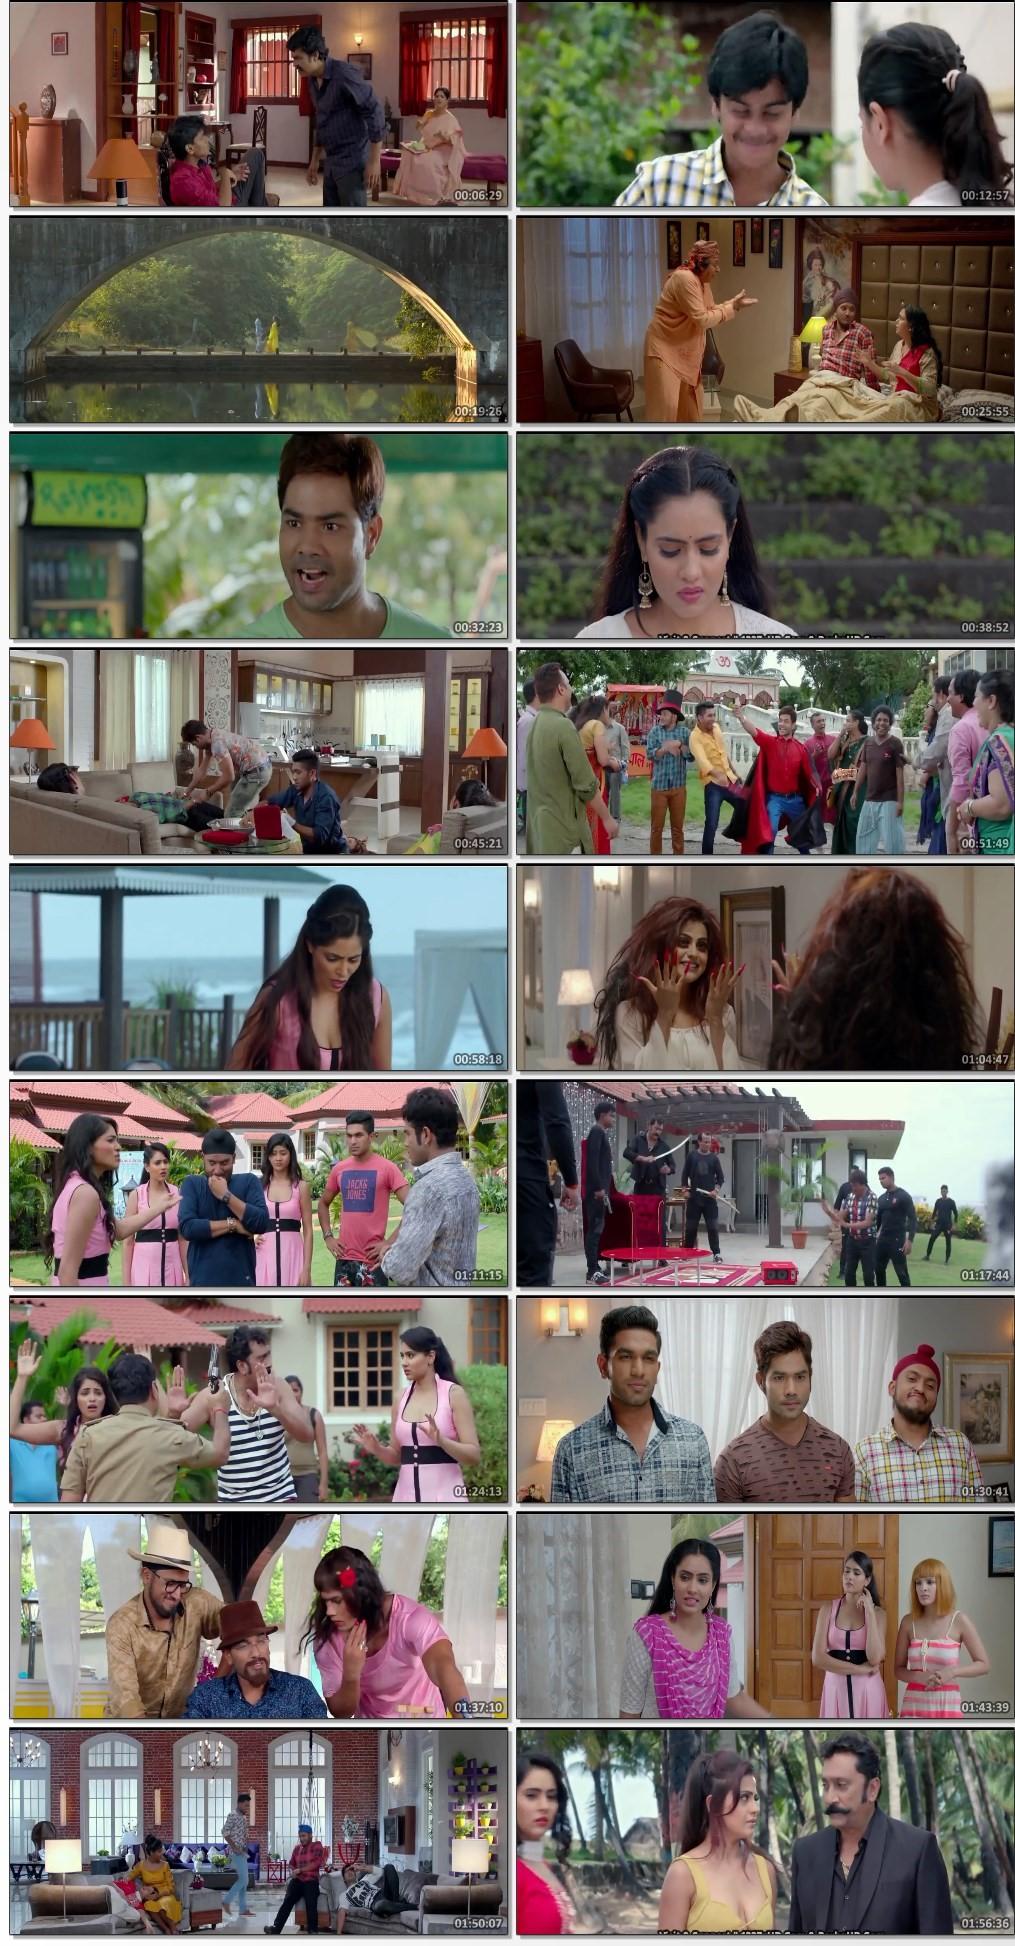 Naughty-Gang-2019-Hindi-720p-Encoded-mkv-thumbs